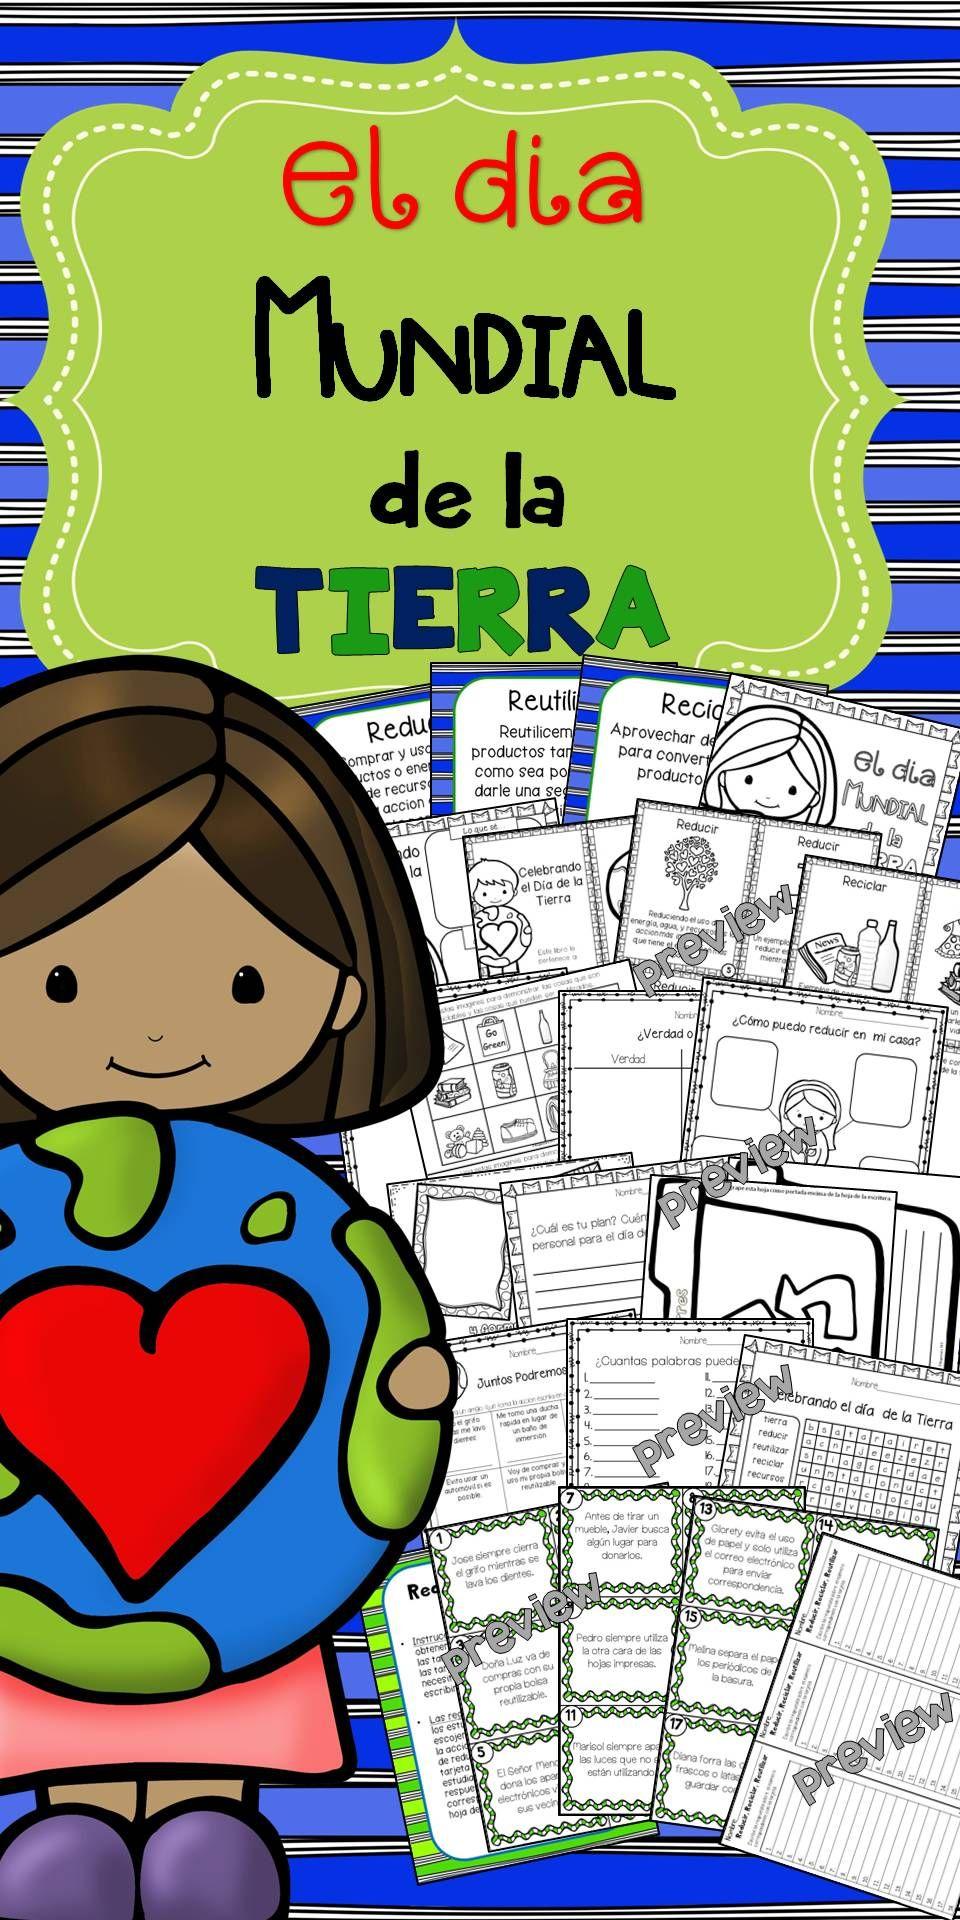 Celebrando El Día De La Tierra School Celebration English Language Learners Activities Planet For Kids